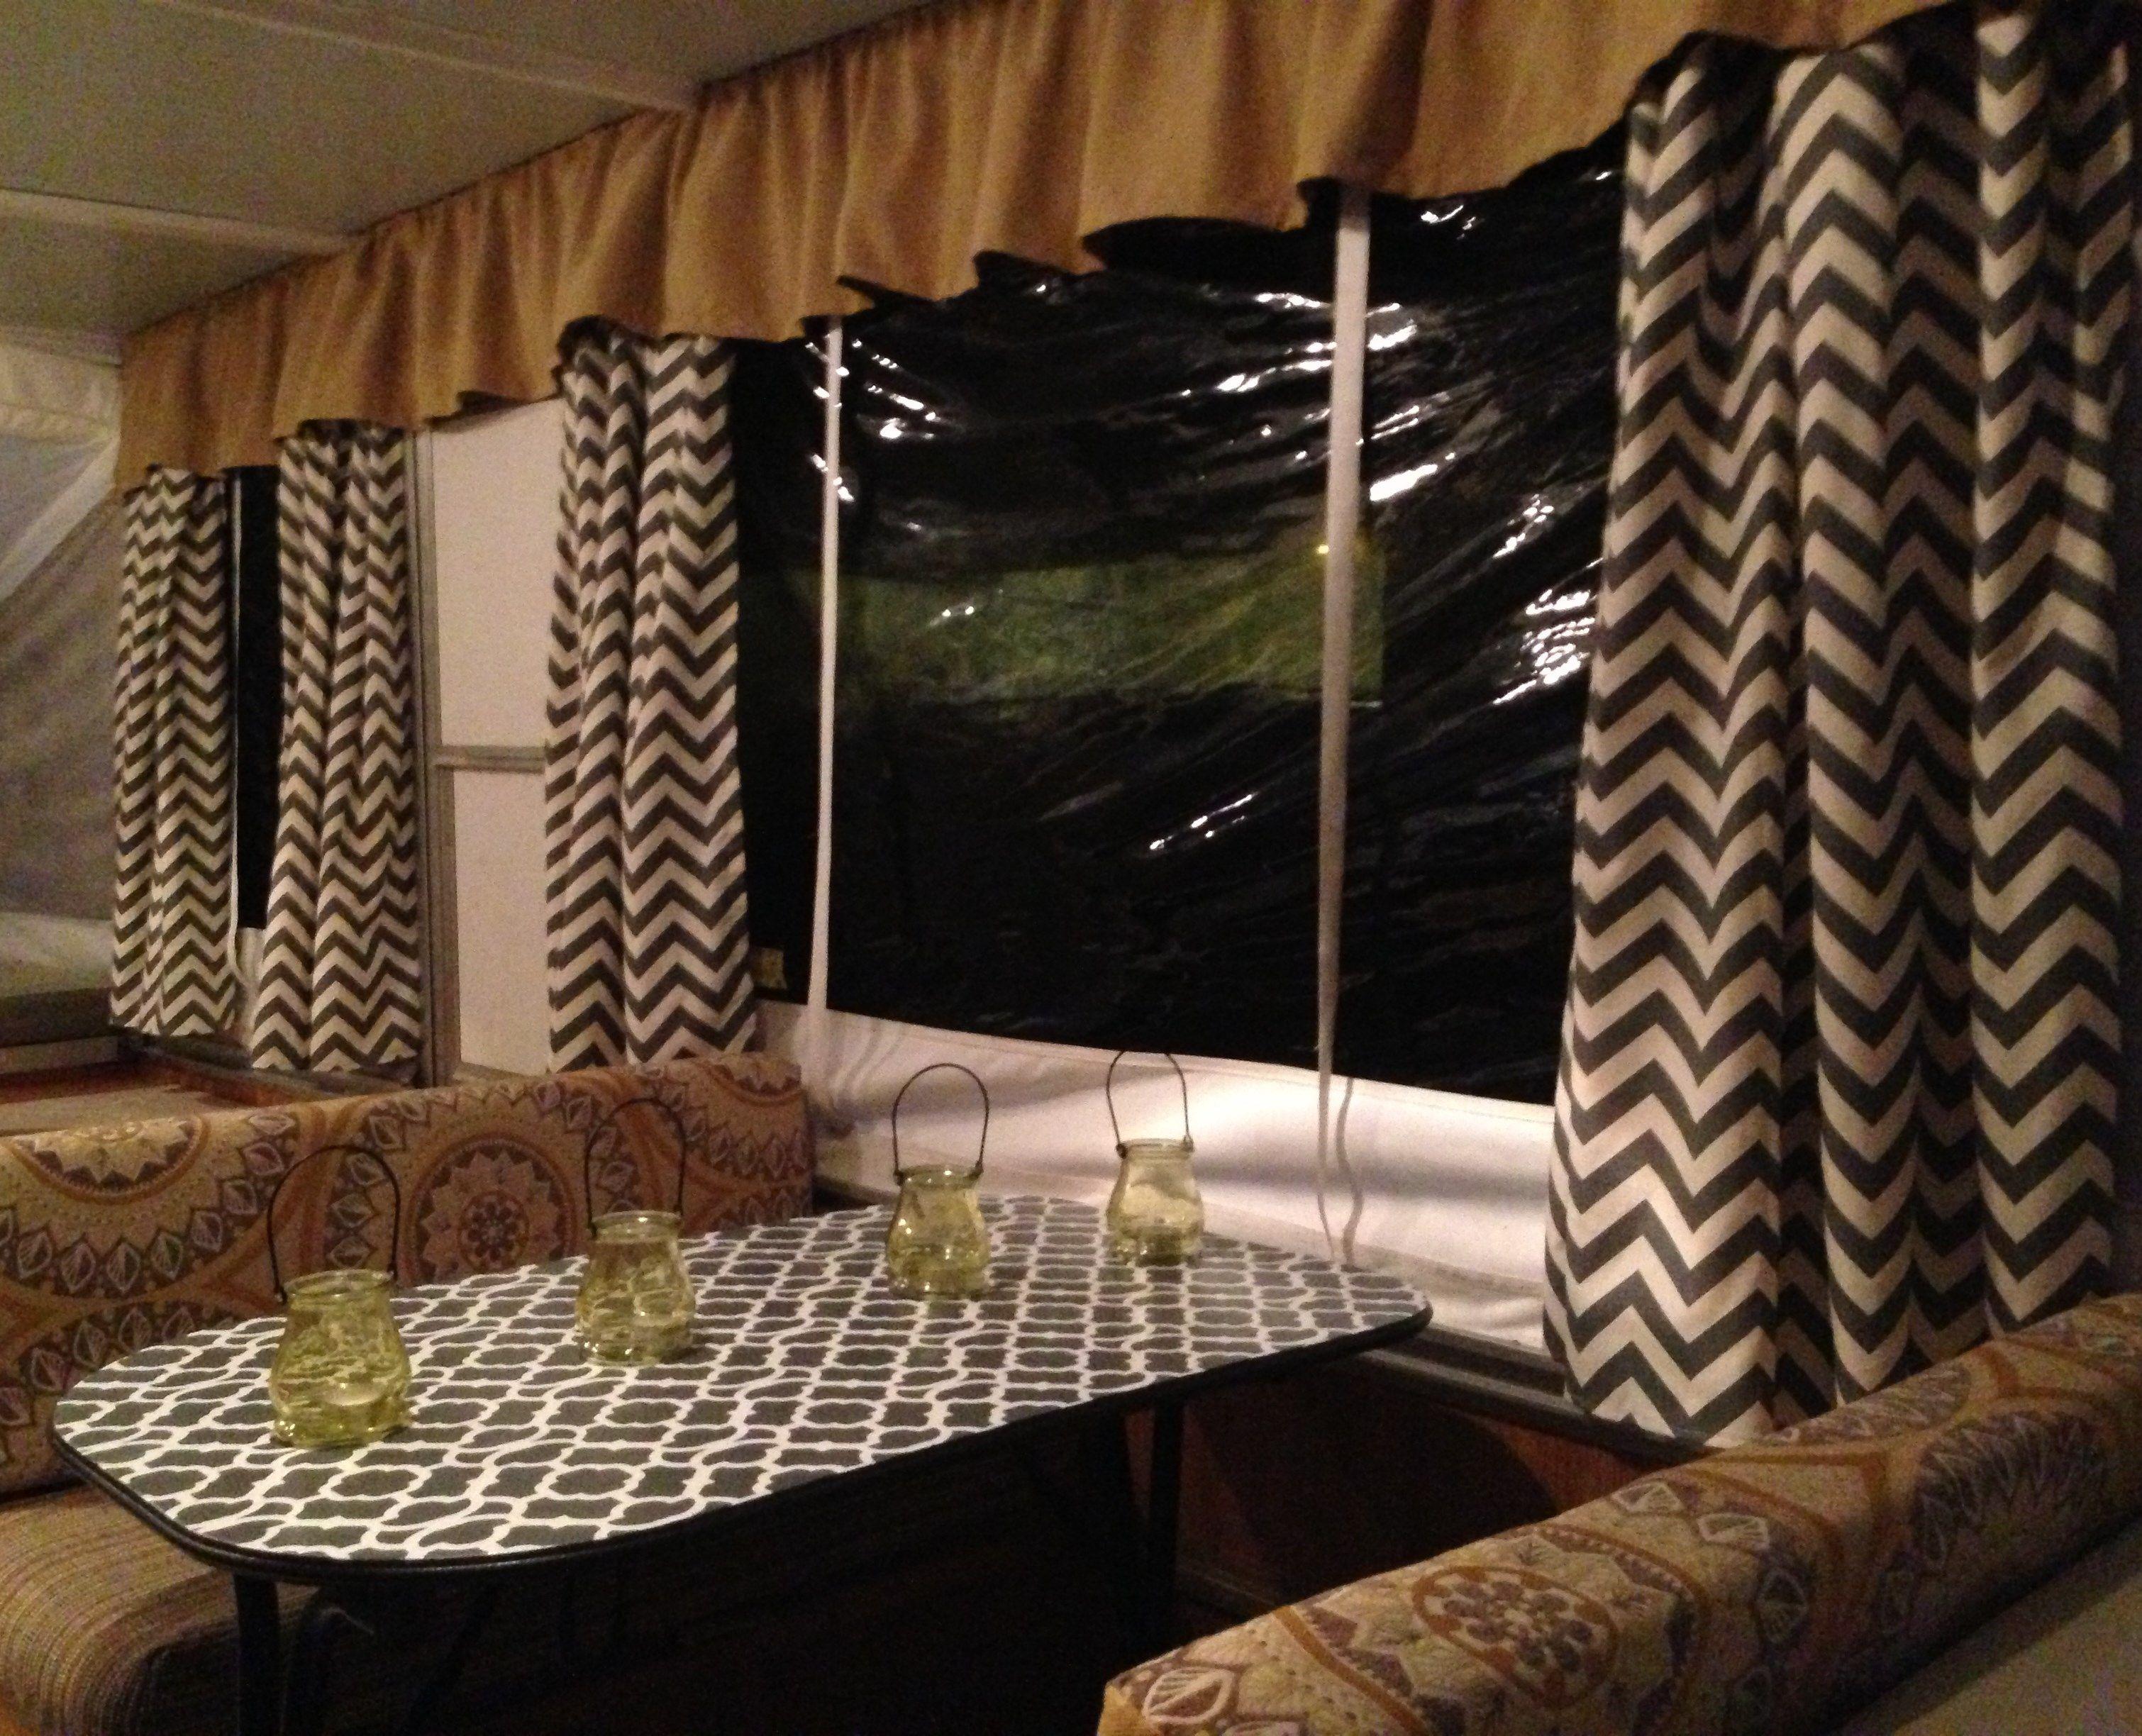 Pop Up C&er Decorating Ideas - Bing Images & I love the black and Brown! Pop-Up Camper Make-Over | Pop Up Camper ...